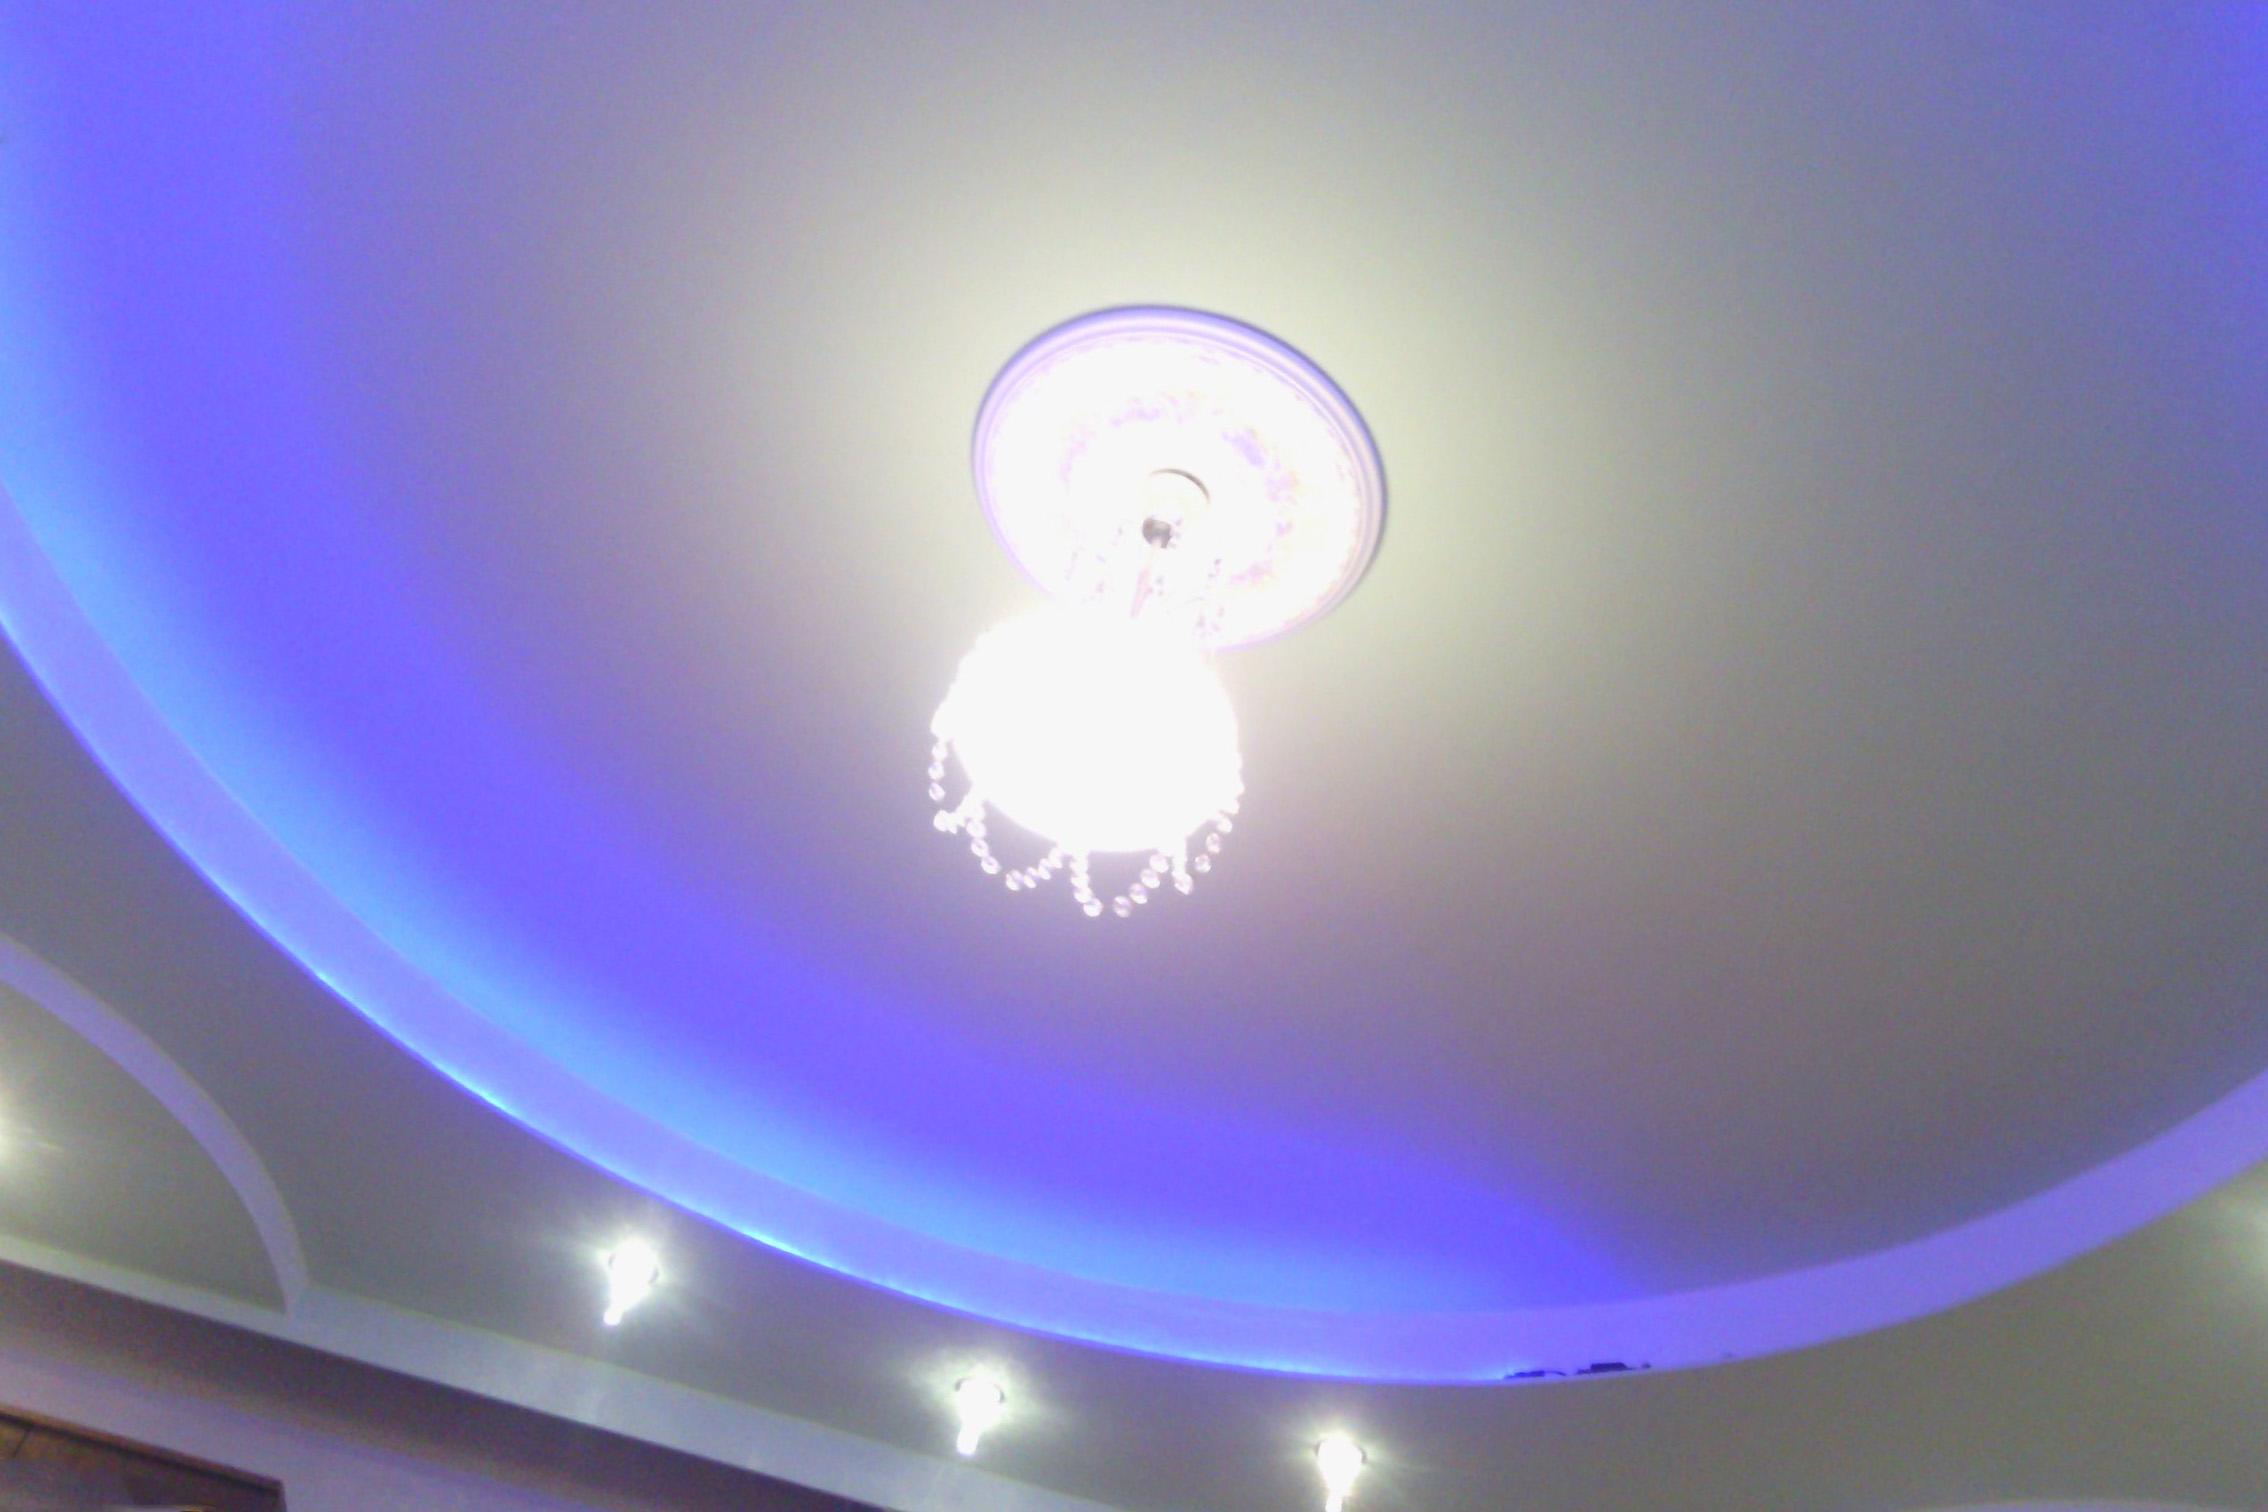 новый натяжной или подвесной потолок, а может просто побелить?